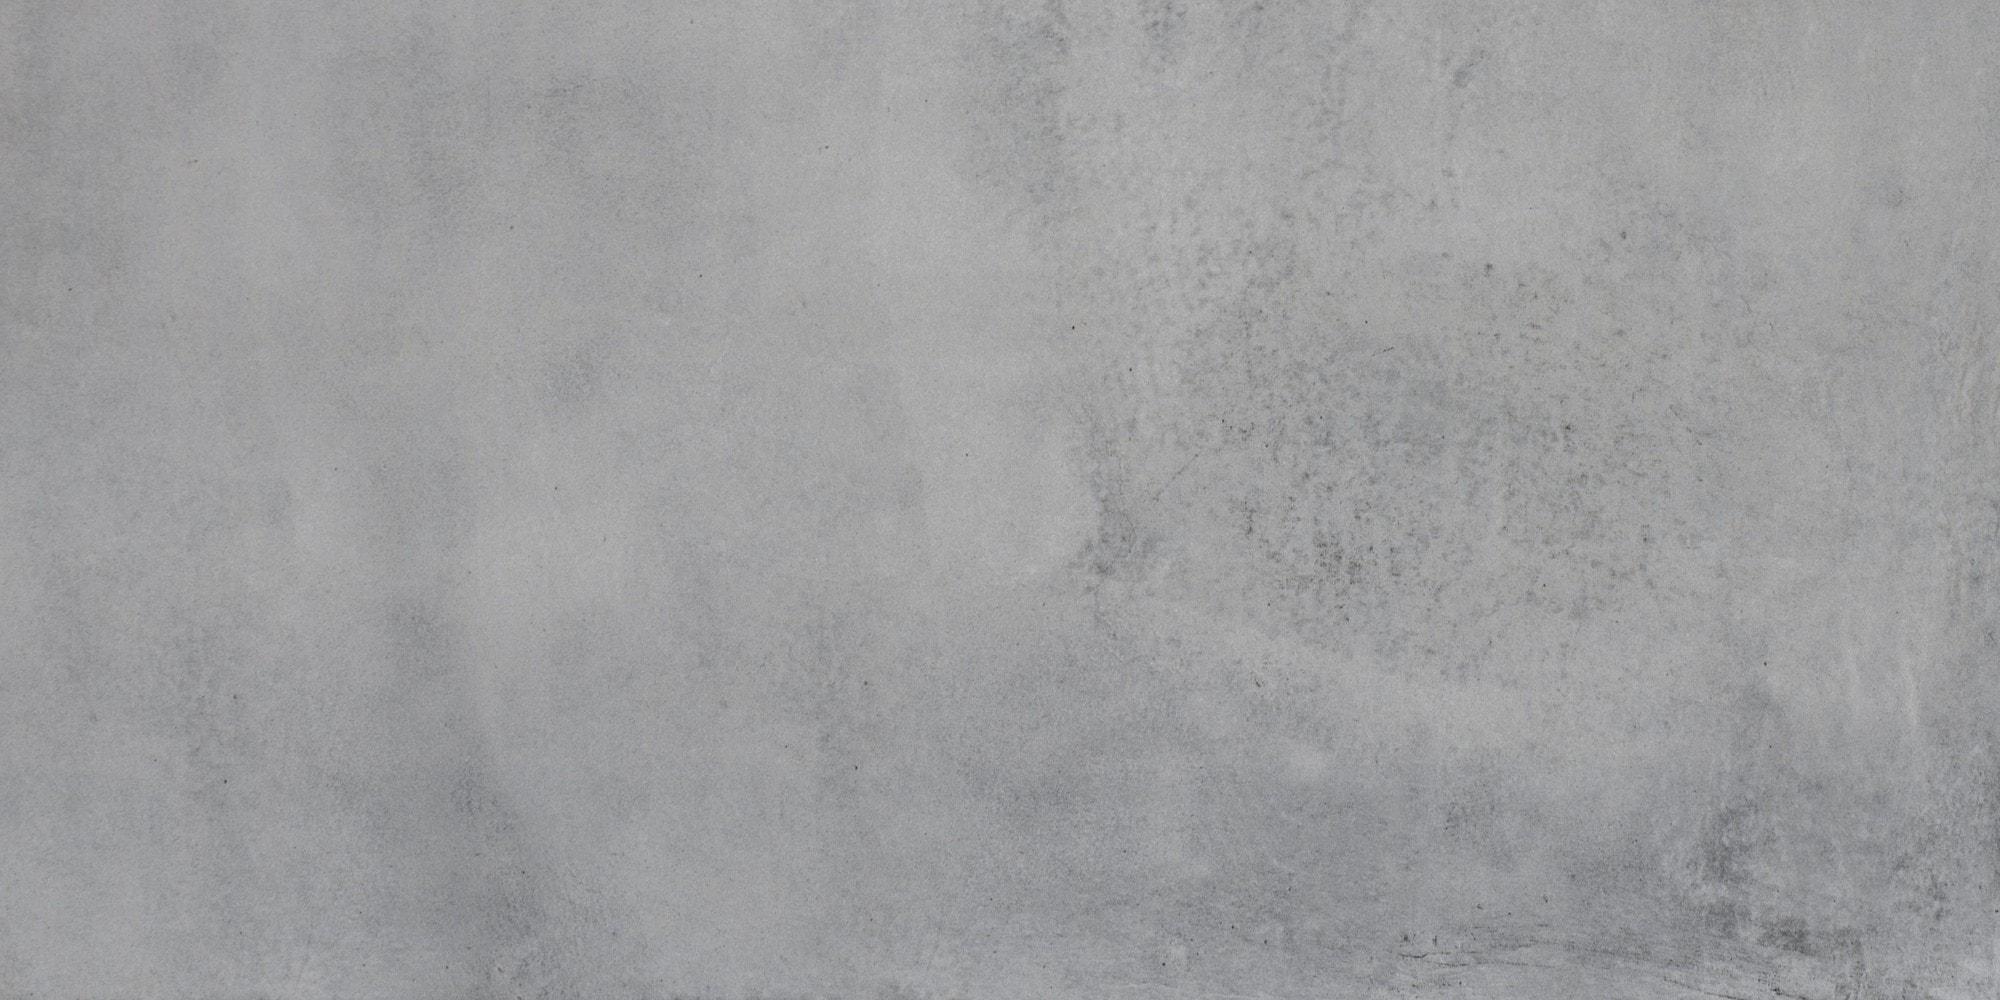 Płytka podłogowa Cerrad Limeria Marengo 597x297x8,5mm 21137